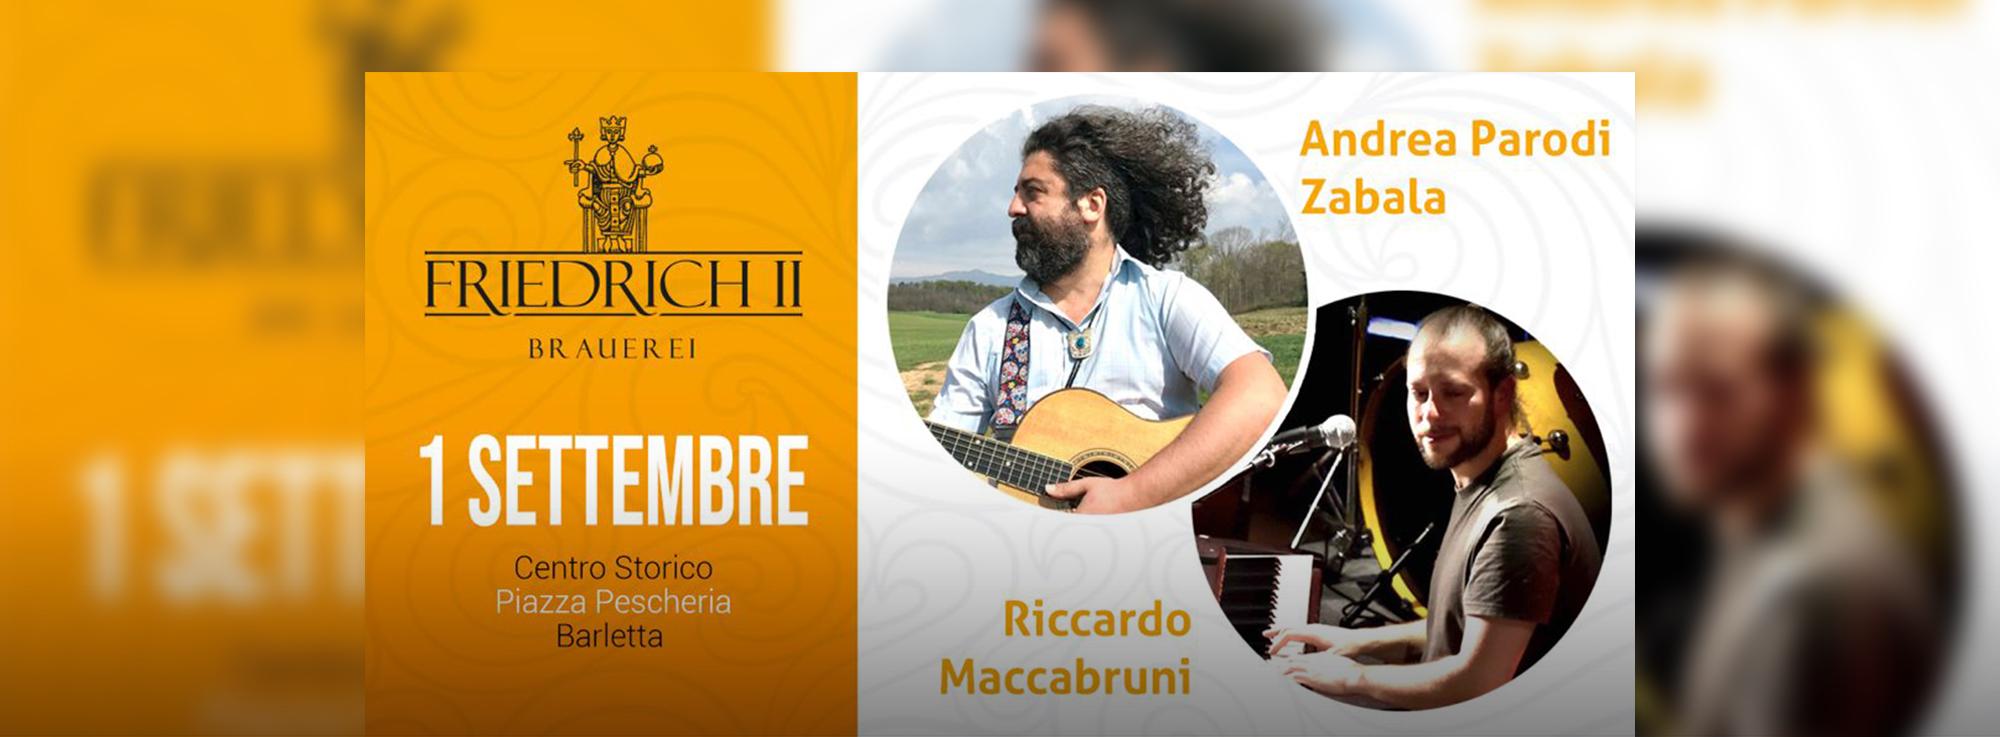 Barletta: Concerto di Andrea Parodi Zabala e Riccardo Maccabruni